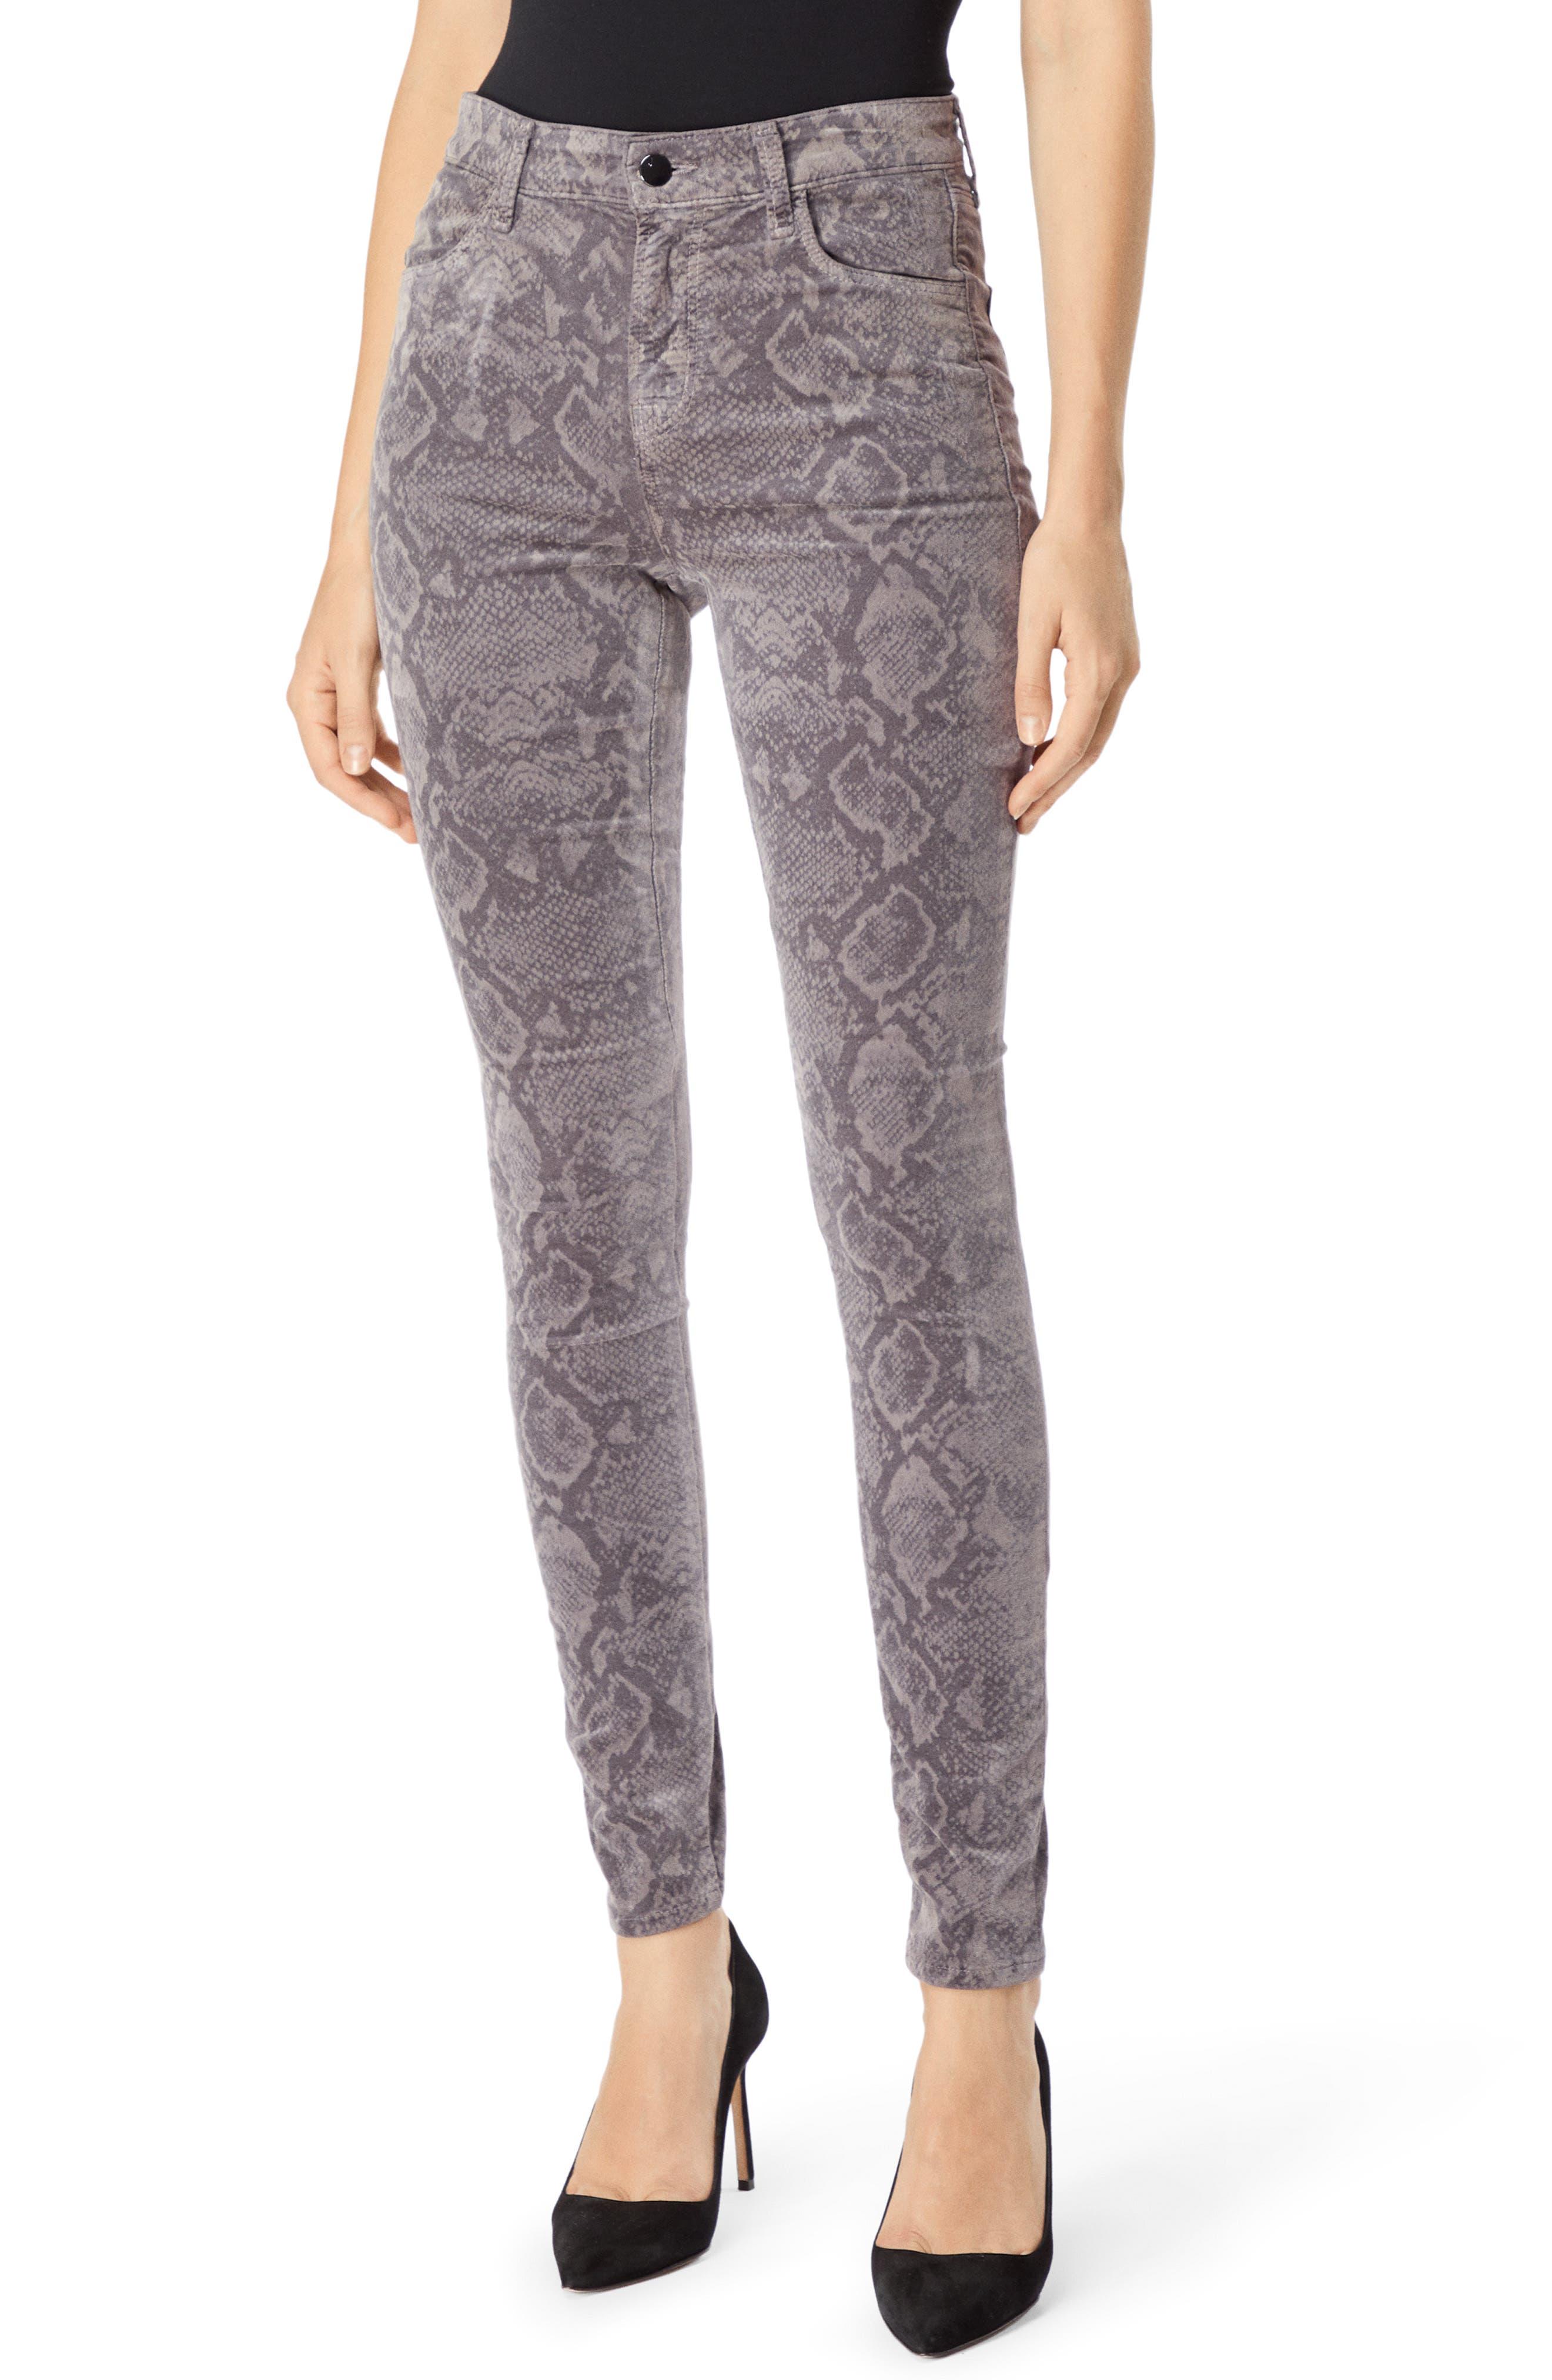 J BRAND Maria Python-Print Velvet High-Rise Skinny Jeans Size 24 in Multi